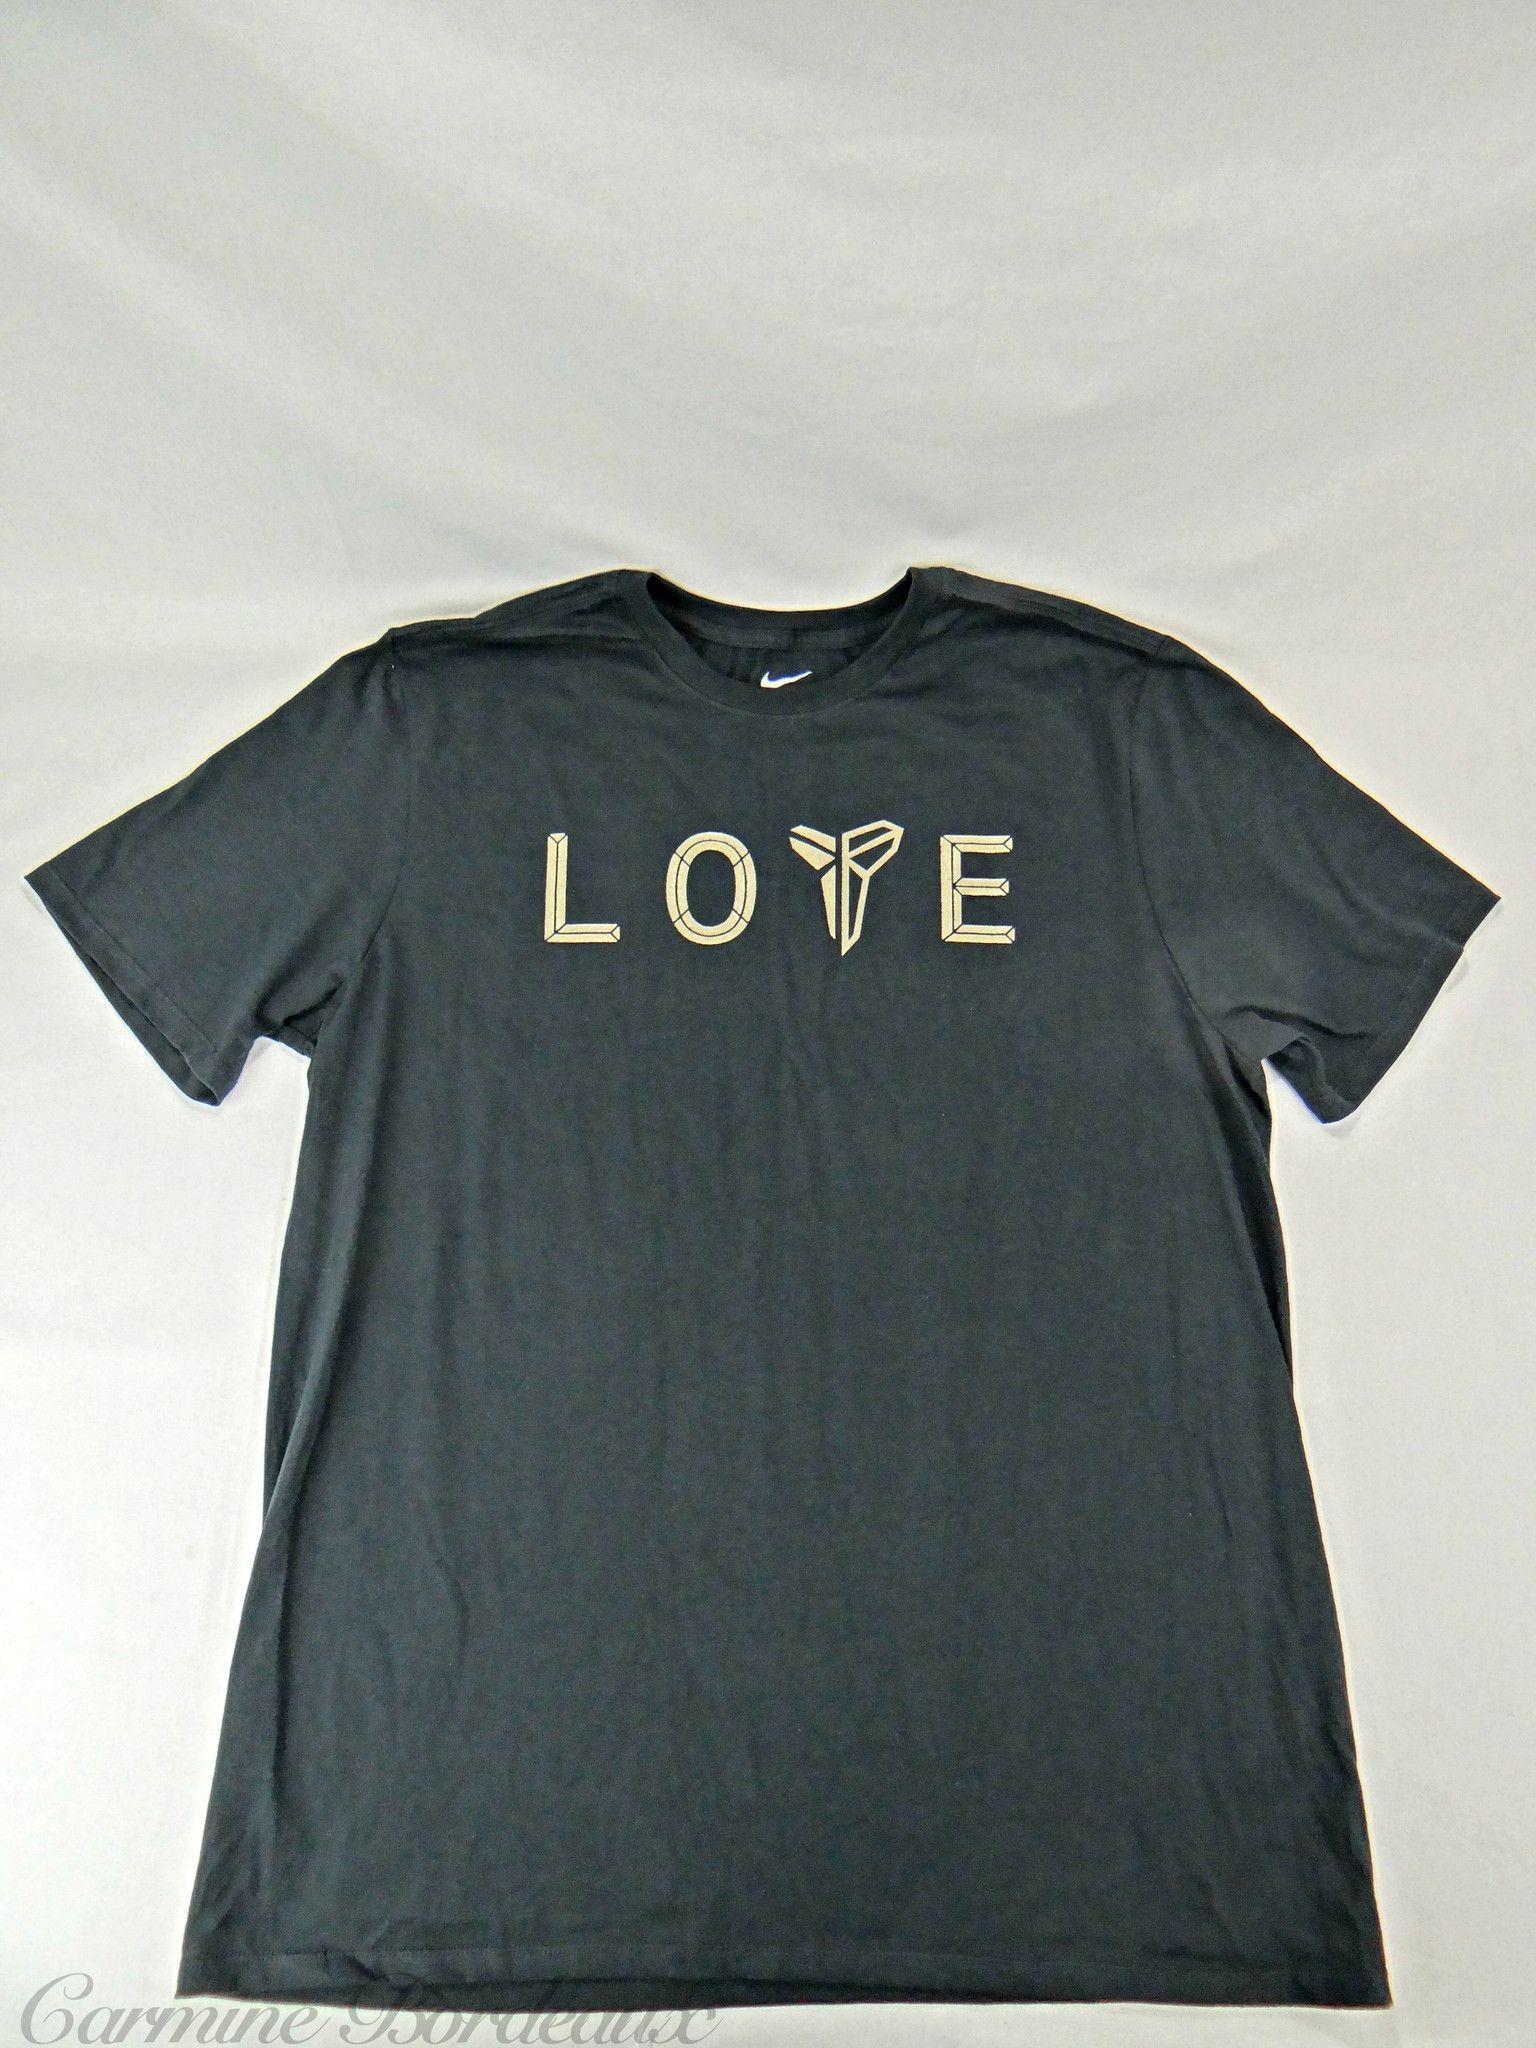 Nike Tee Kobe Bryant Retirement Mamba Day   Love T-Shirt  0c24376e551b